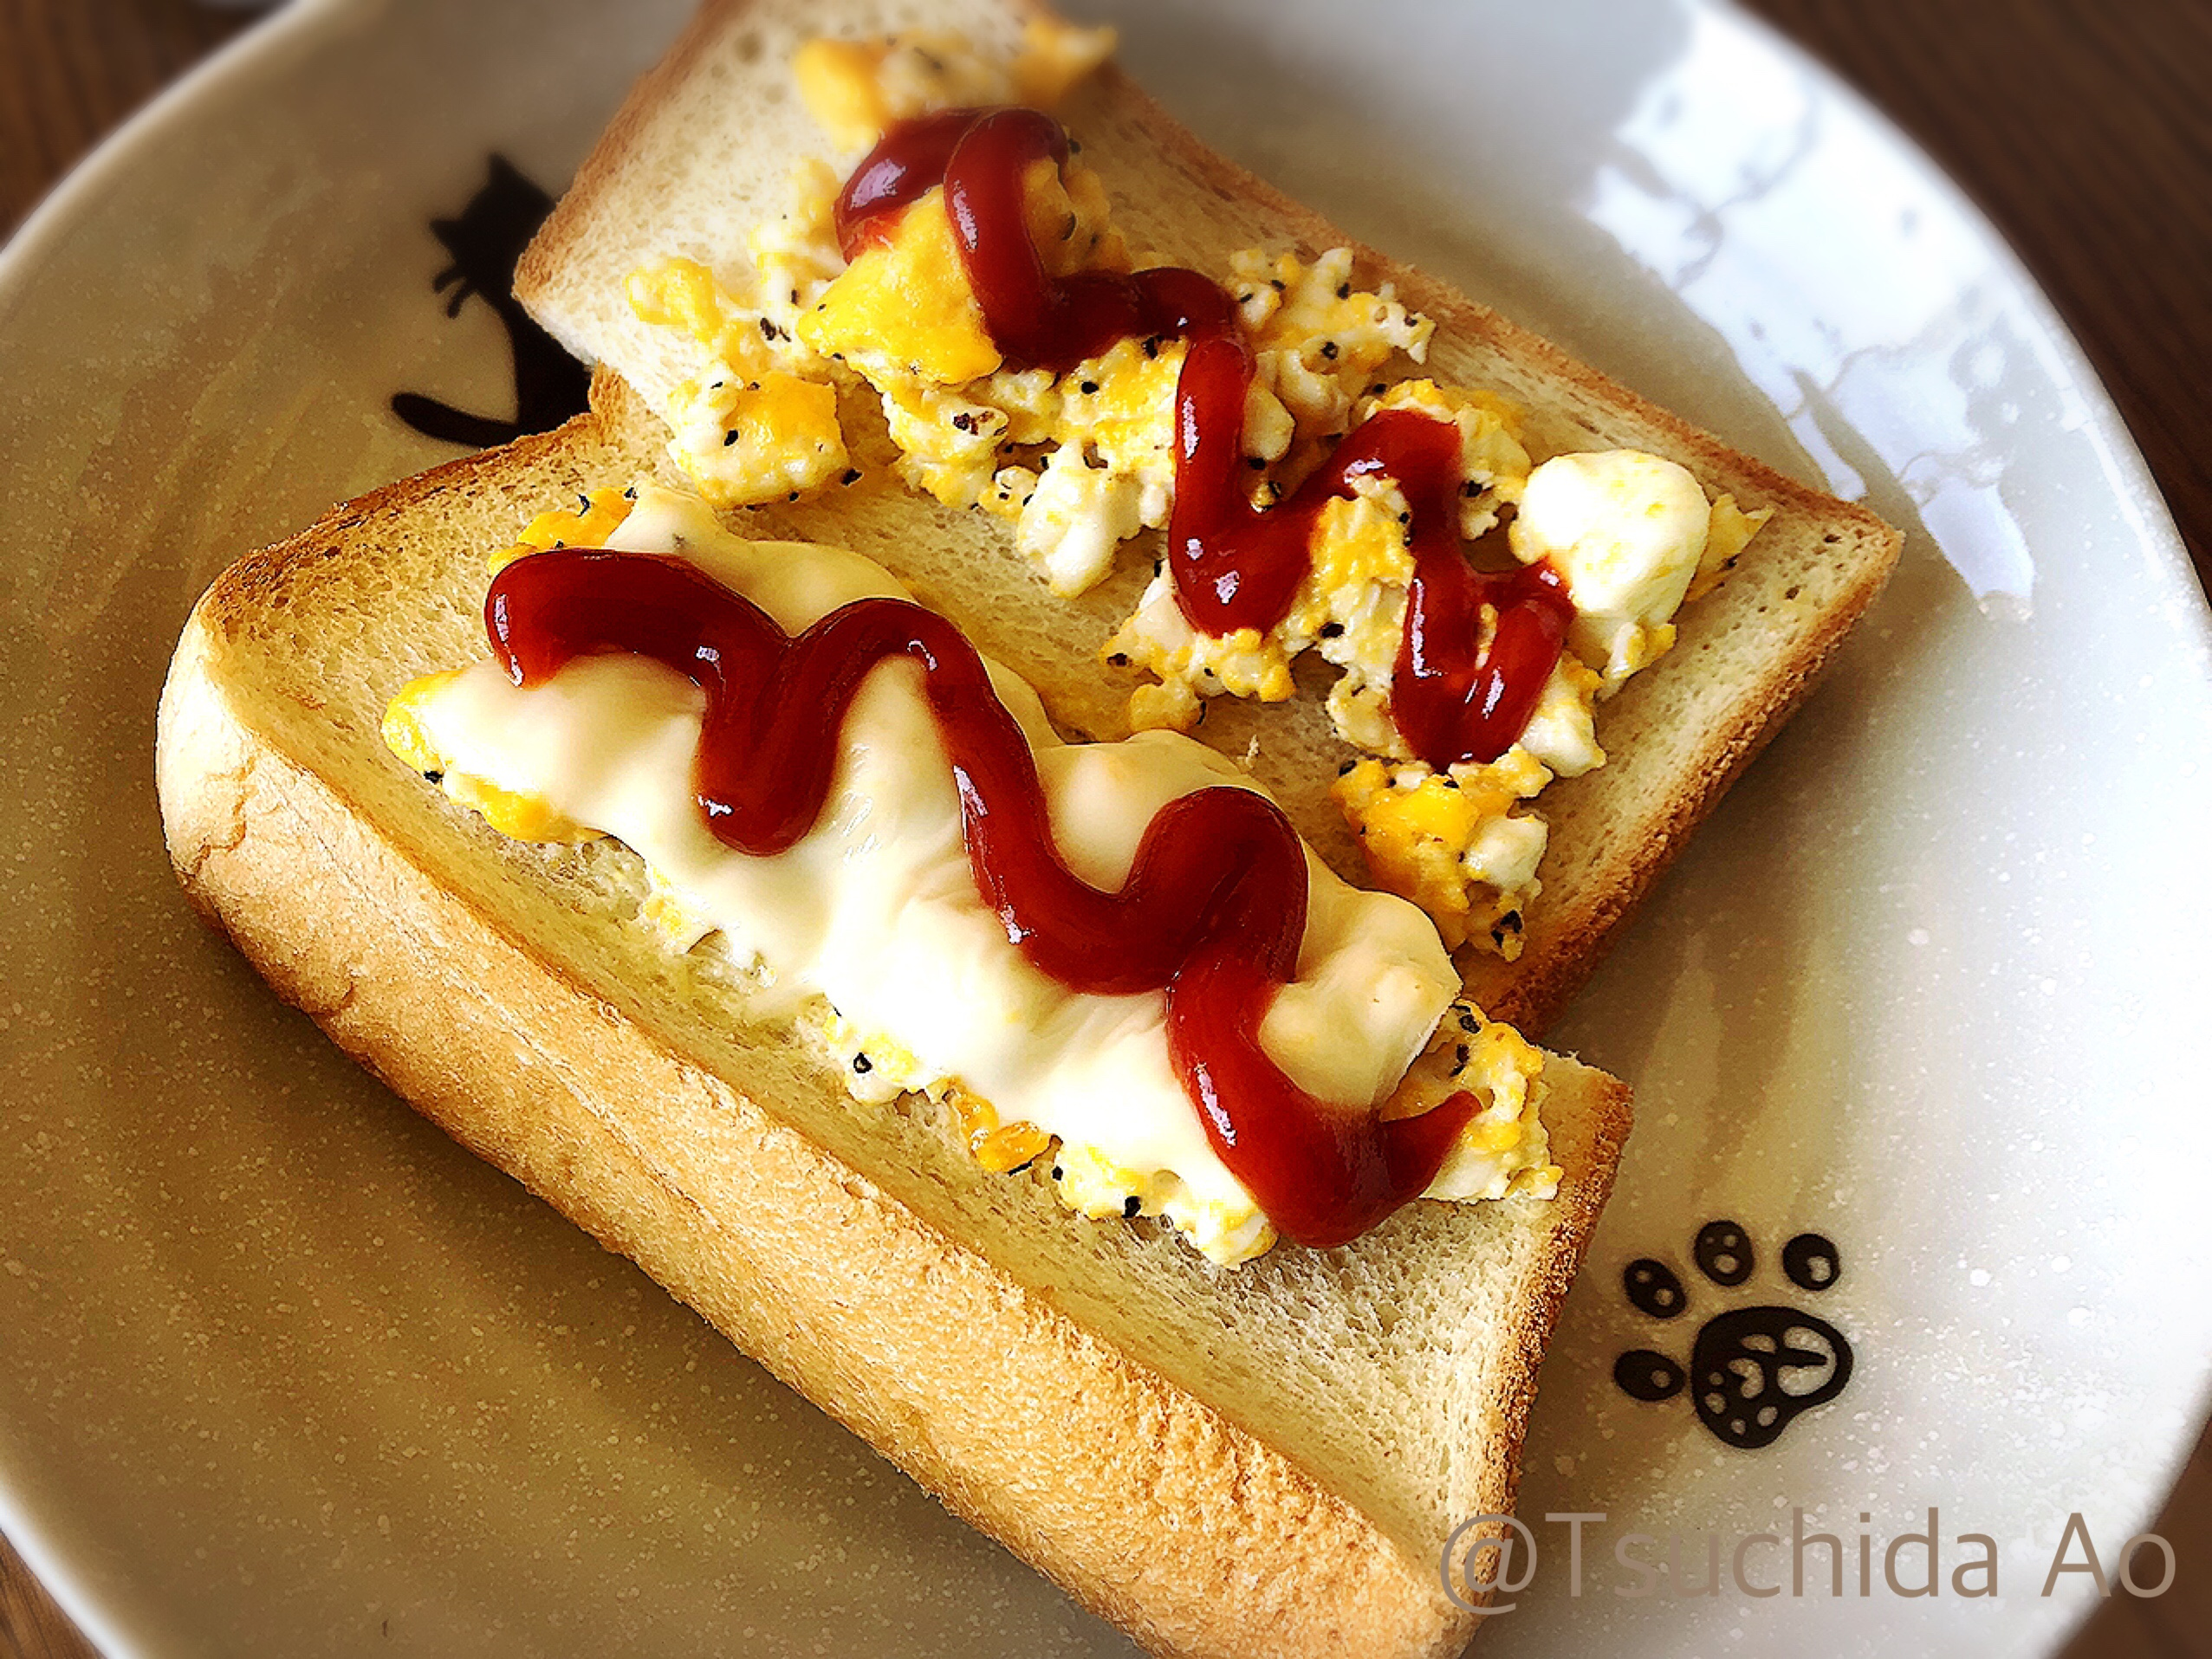 アイラップ×朝ごはん〜ふわふわ卵トースト〜